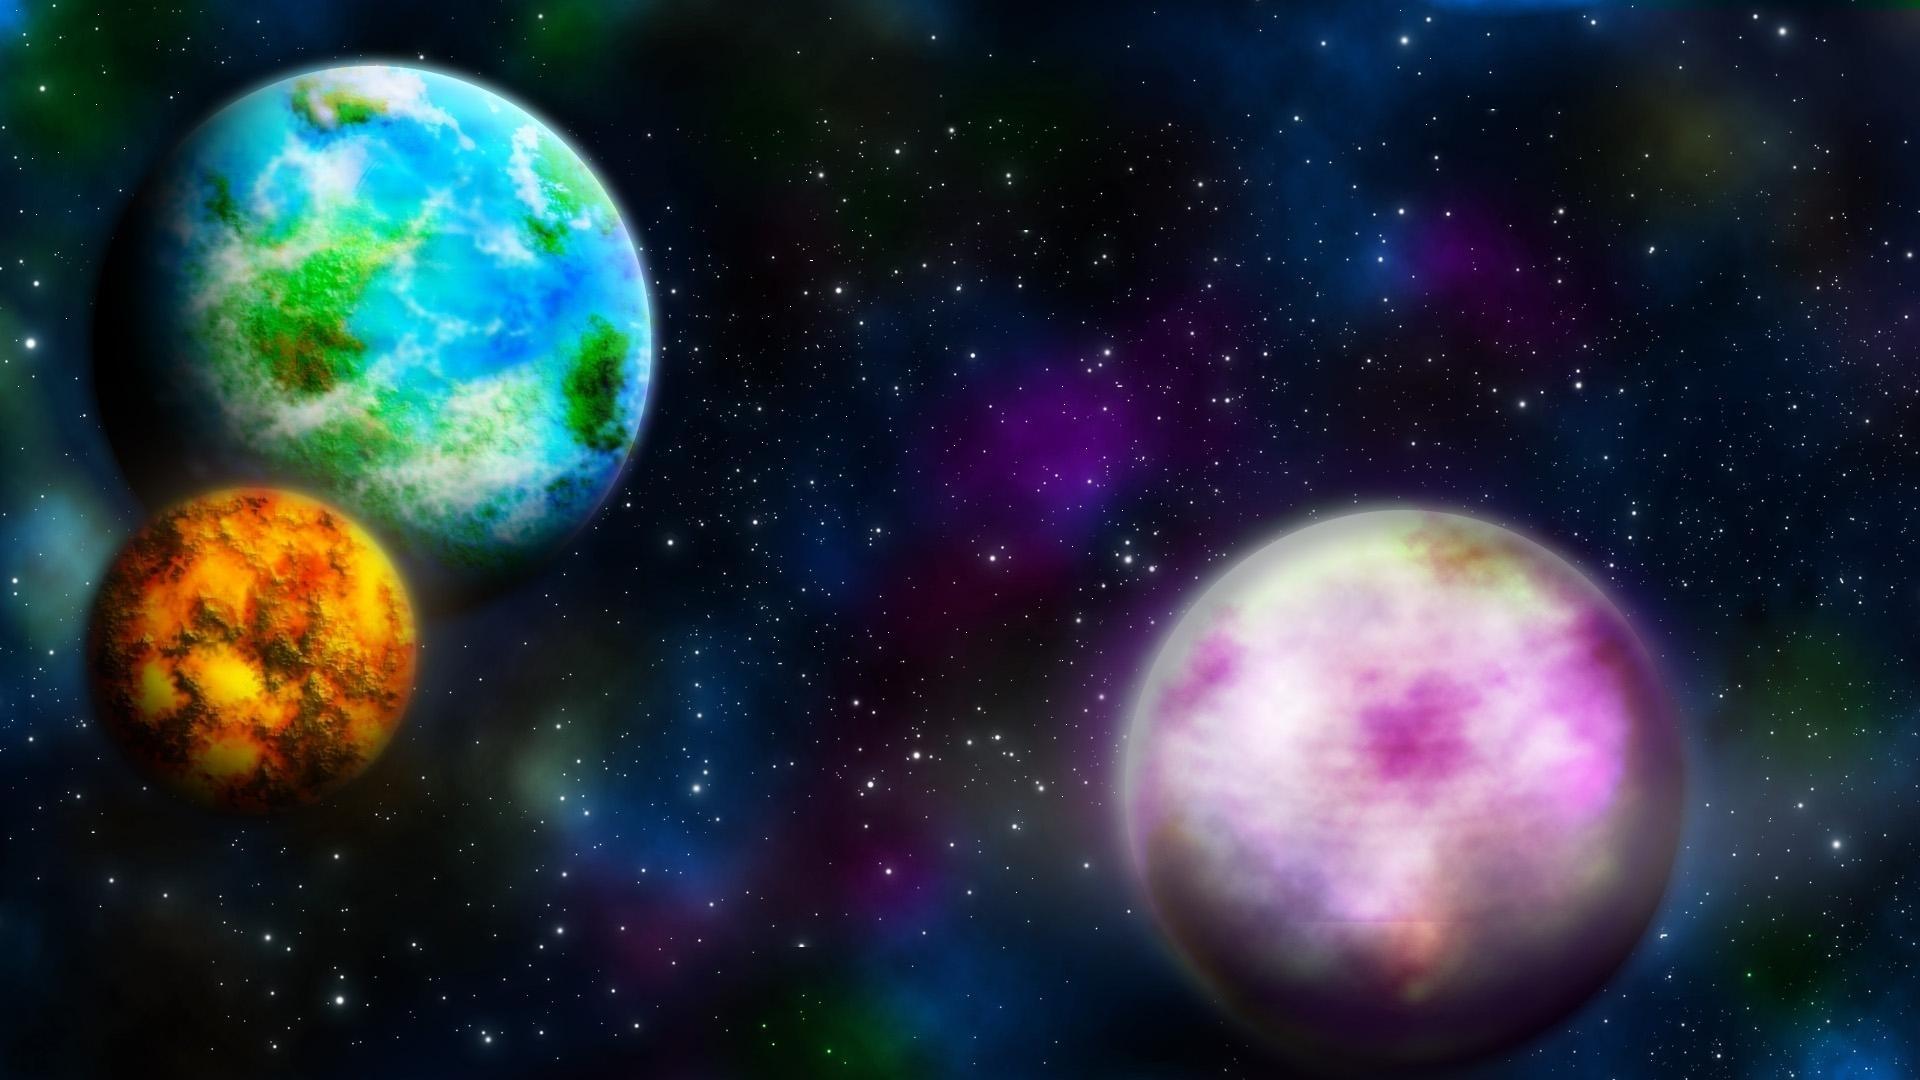 космос, разноцветный космос, скачать обои для рабочего стола